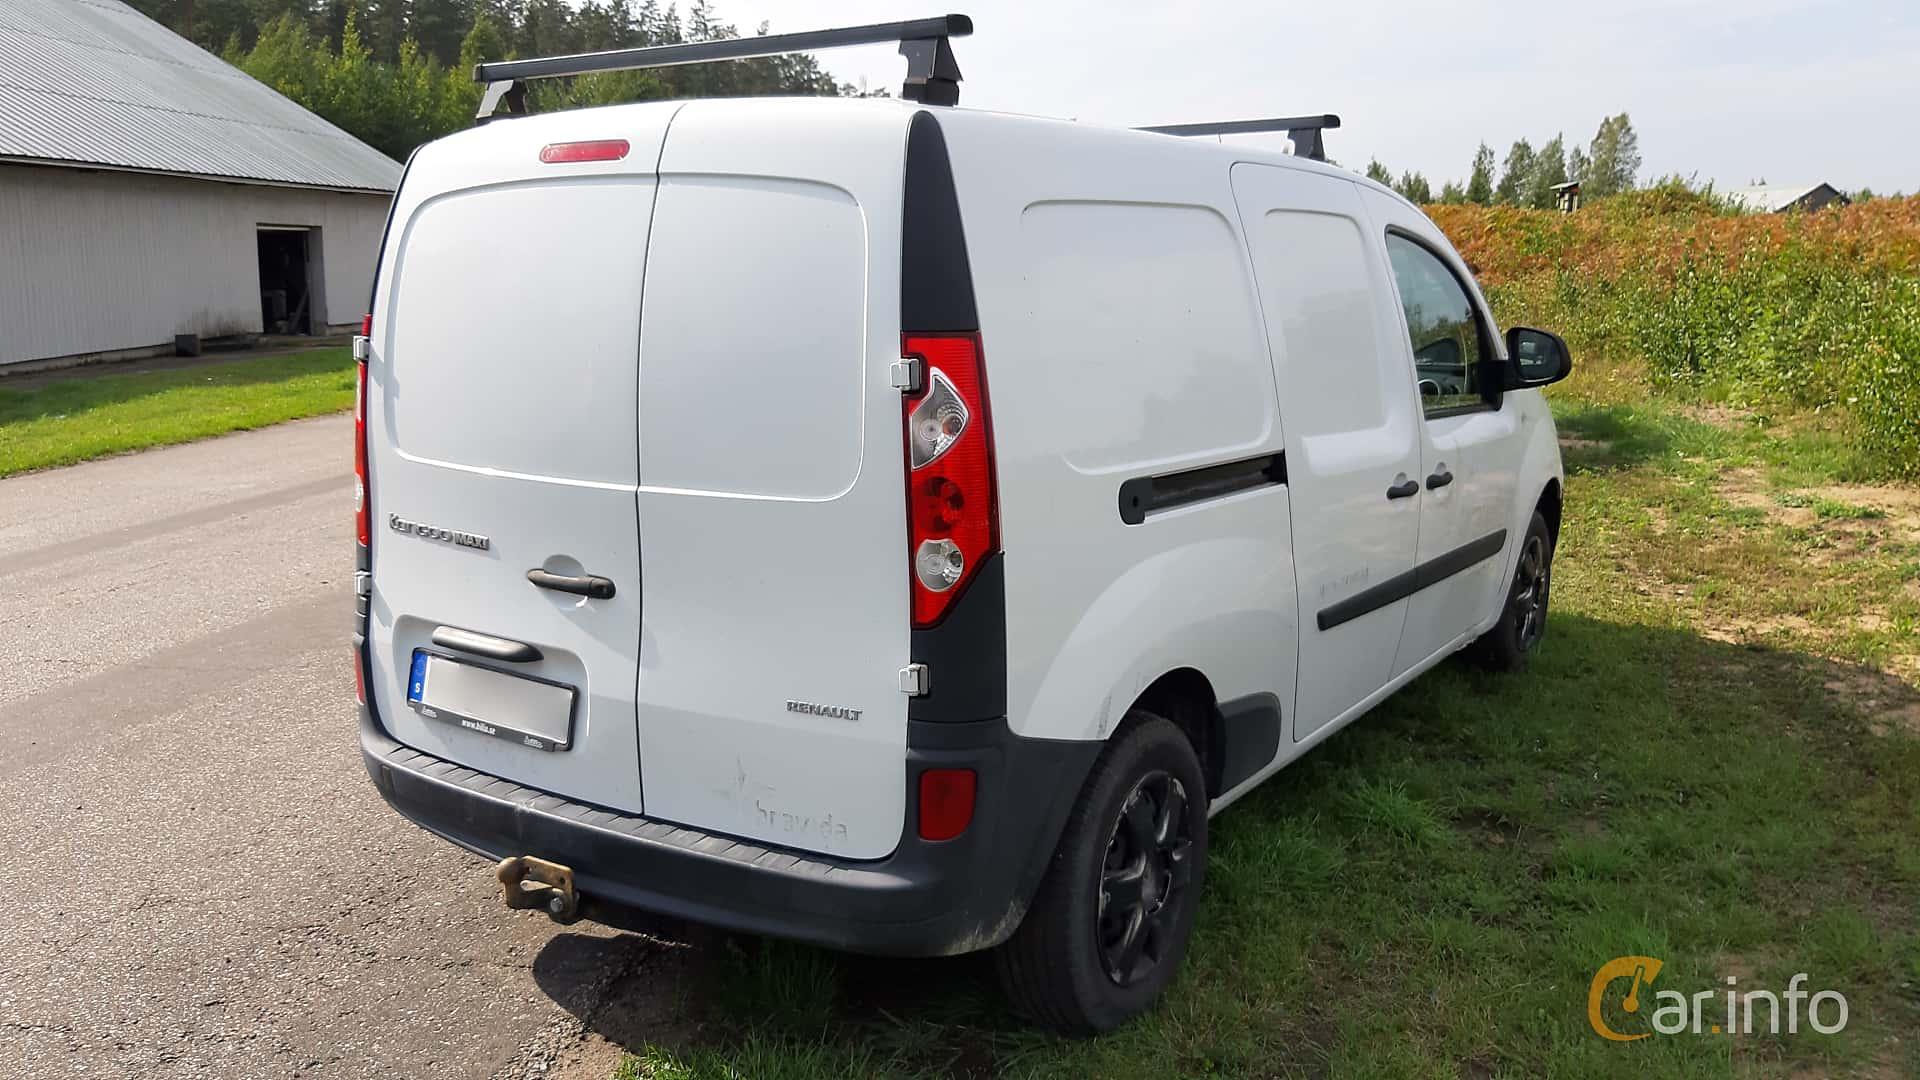 Renault Kangoo Express Maxi 1.5 dCi Manual, 109hp, 2013